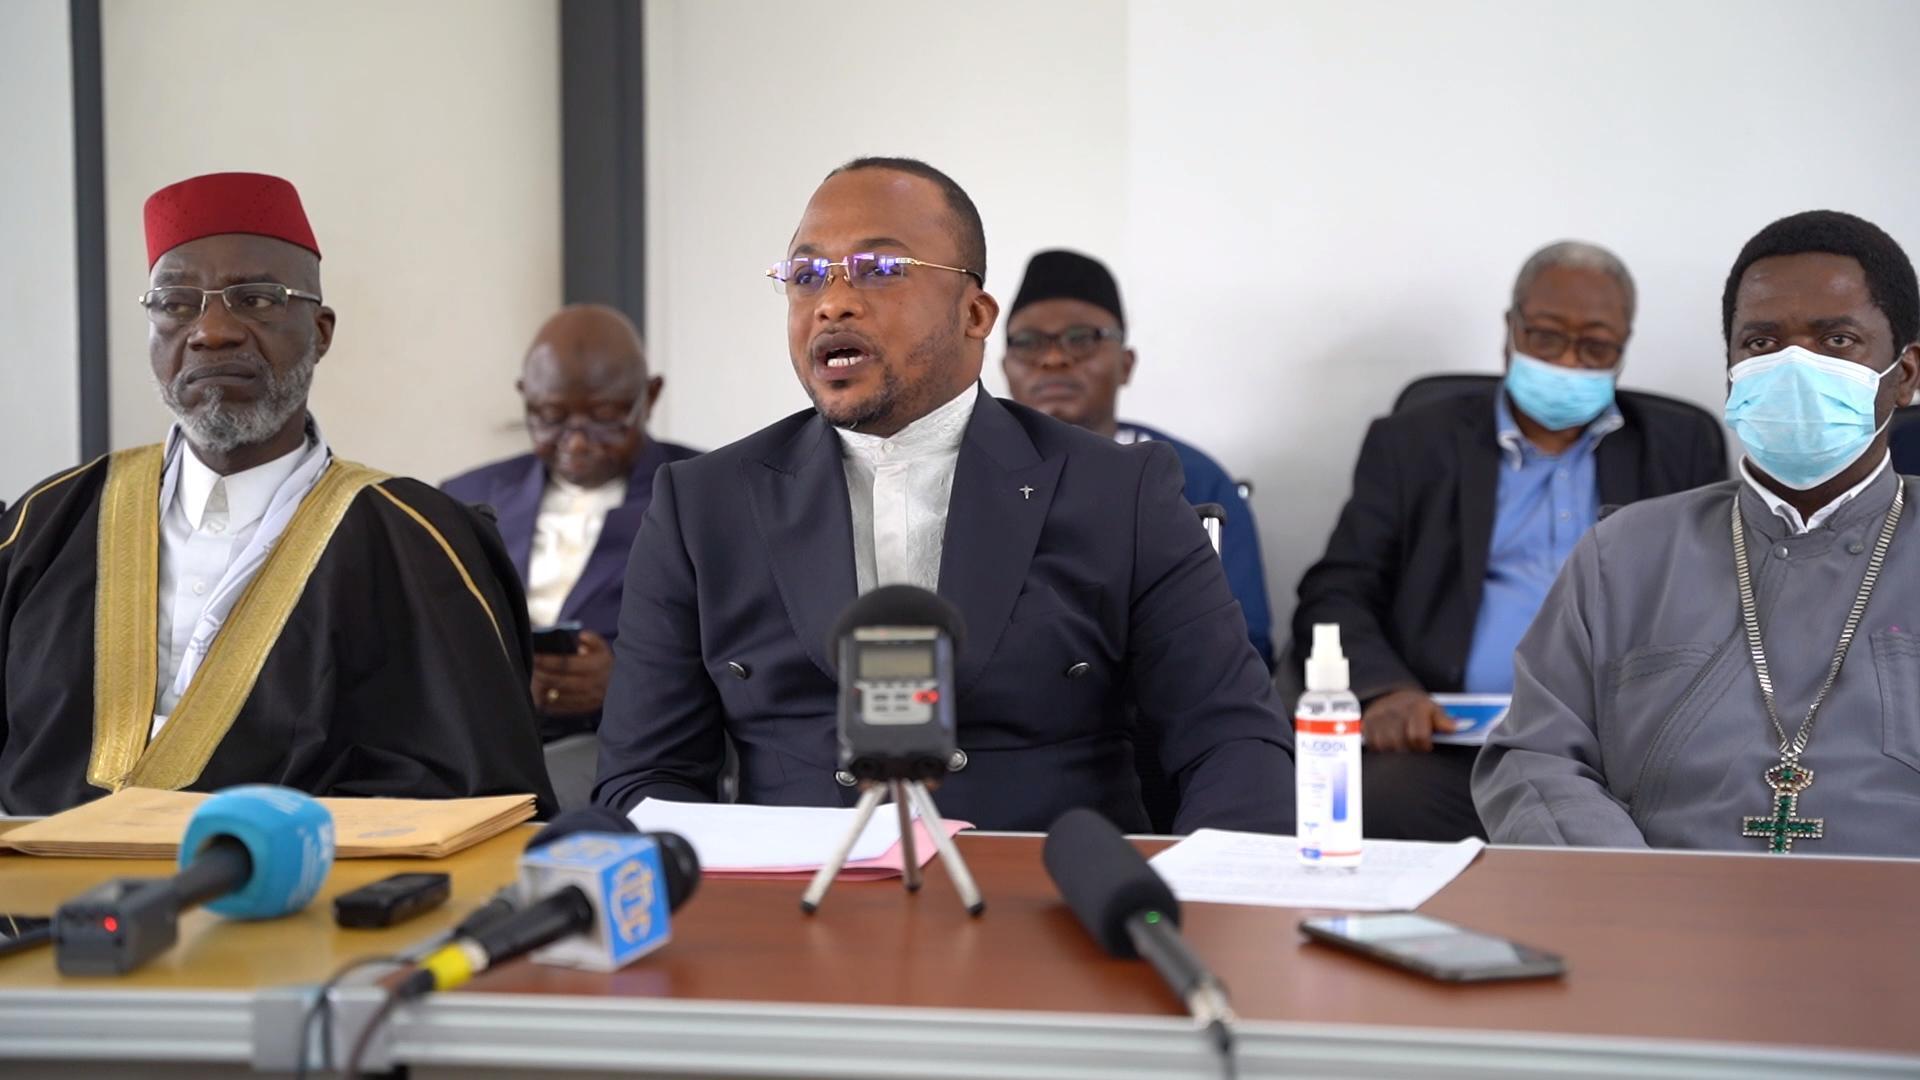 Présidence de la Céni en RD Congo : pas d'accord des représentants religieux malgré l'ultimatum